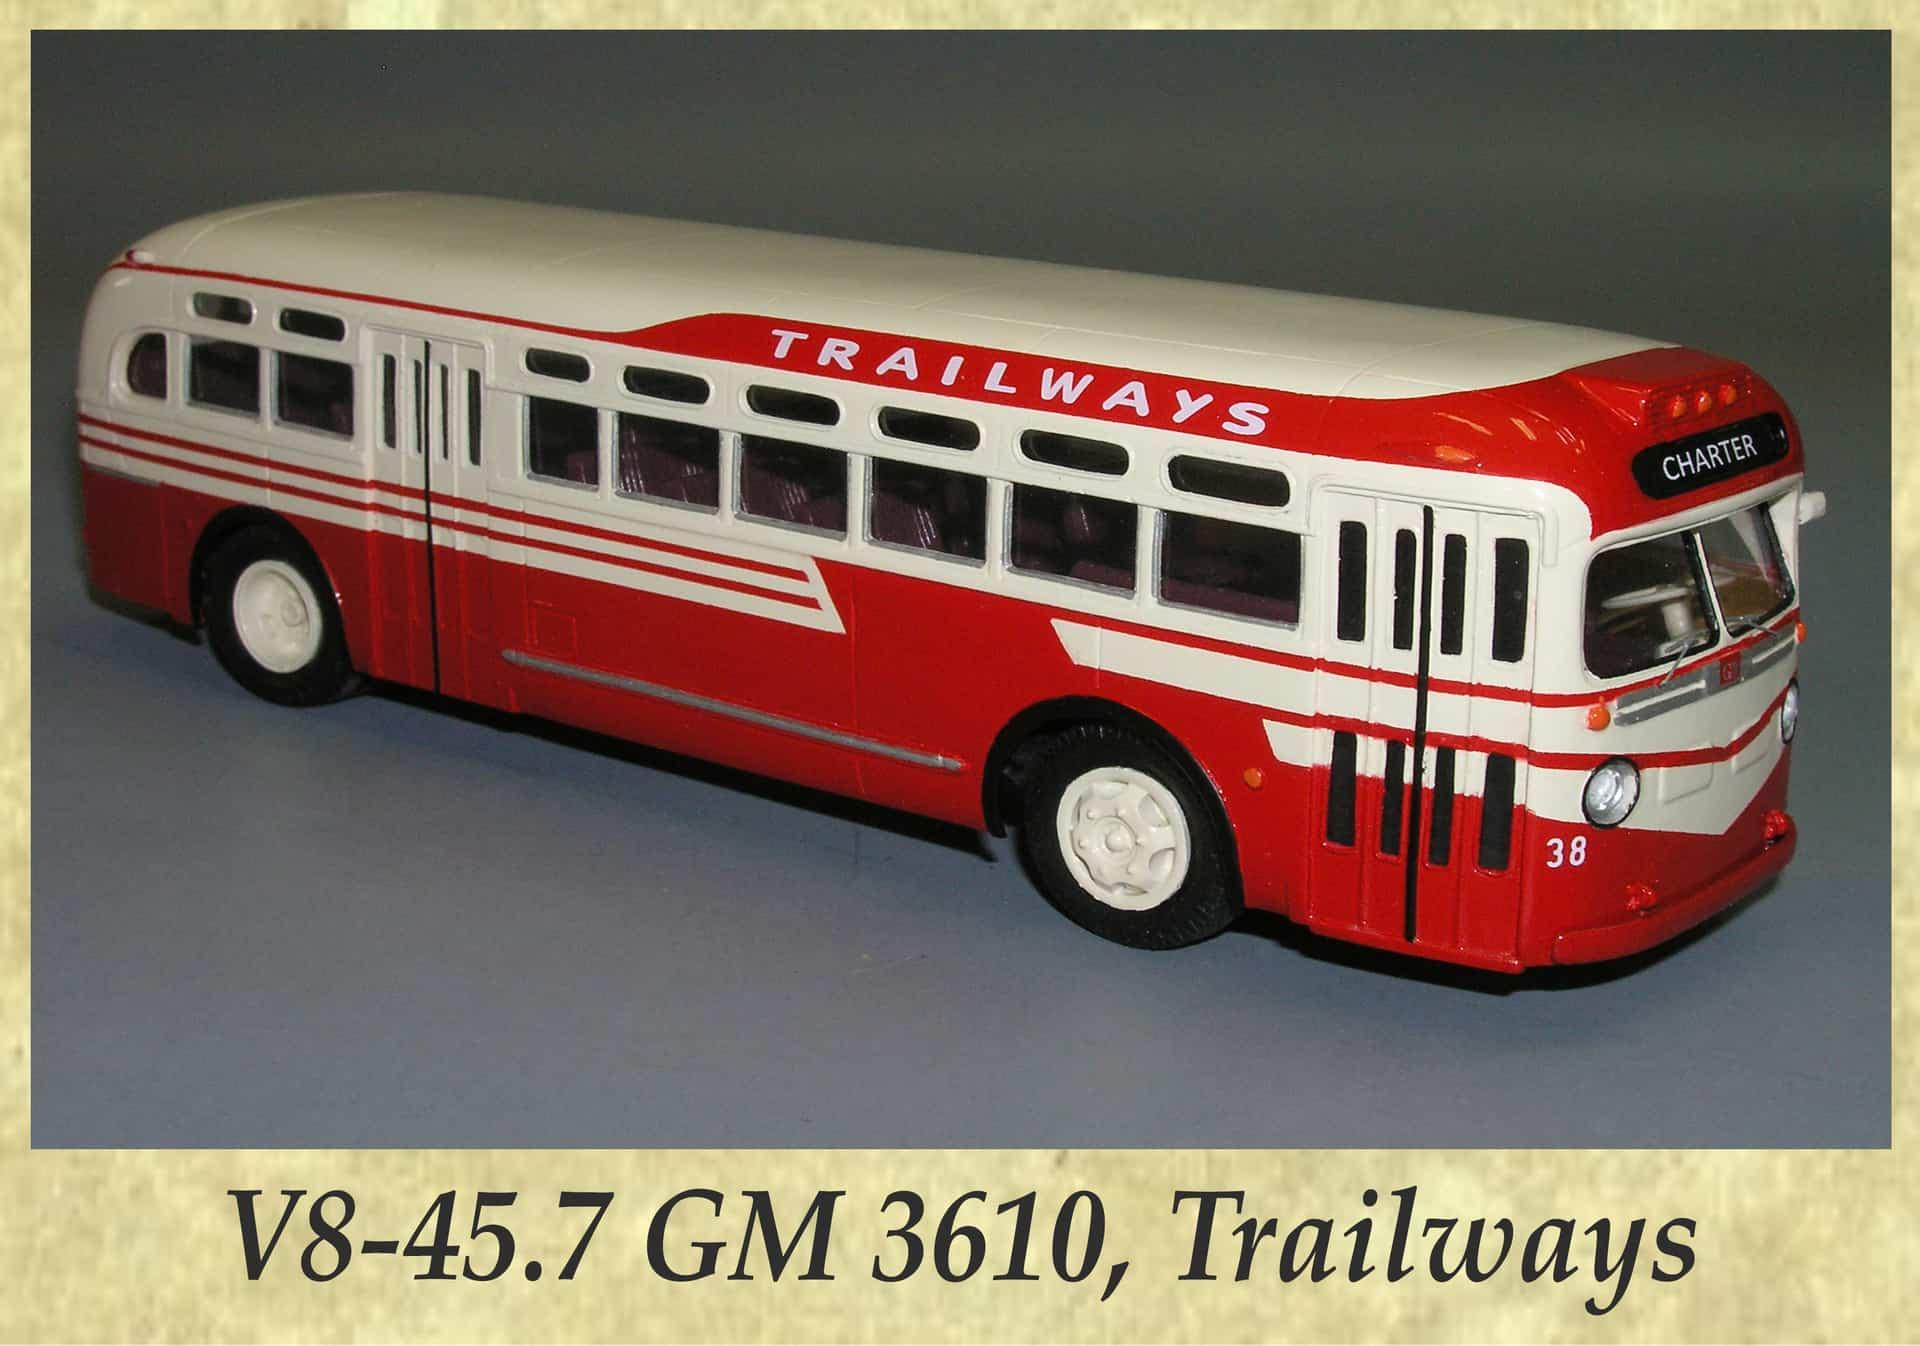 V8-45.7 GM 3610, Trailways